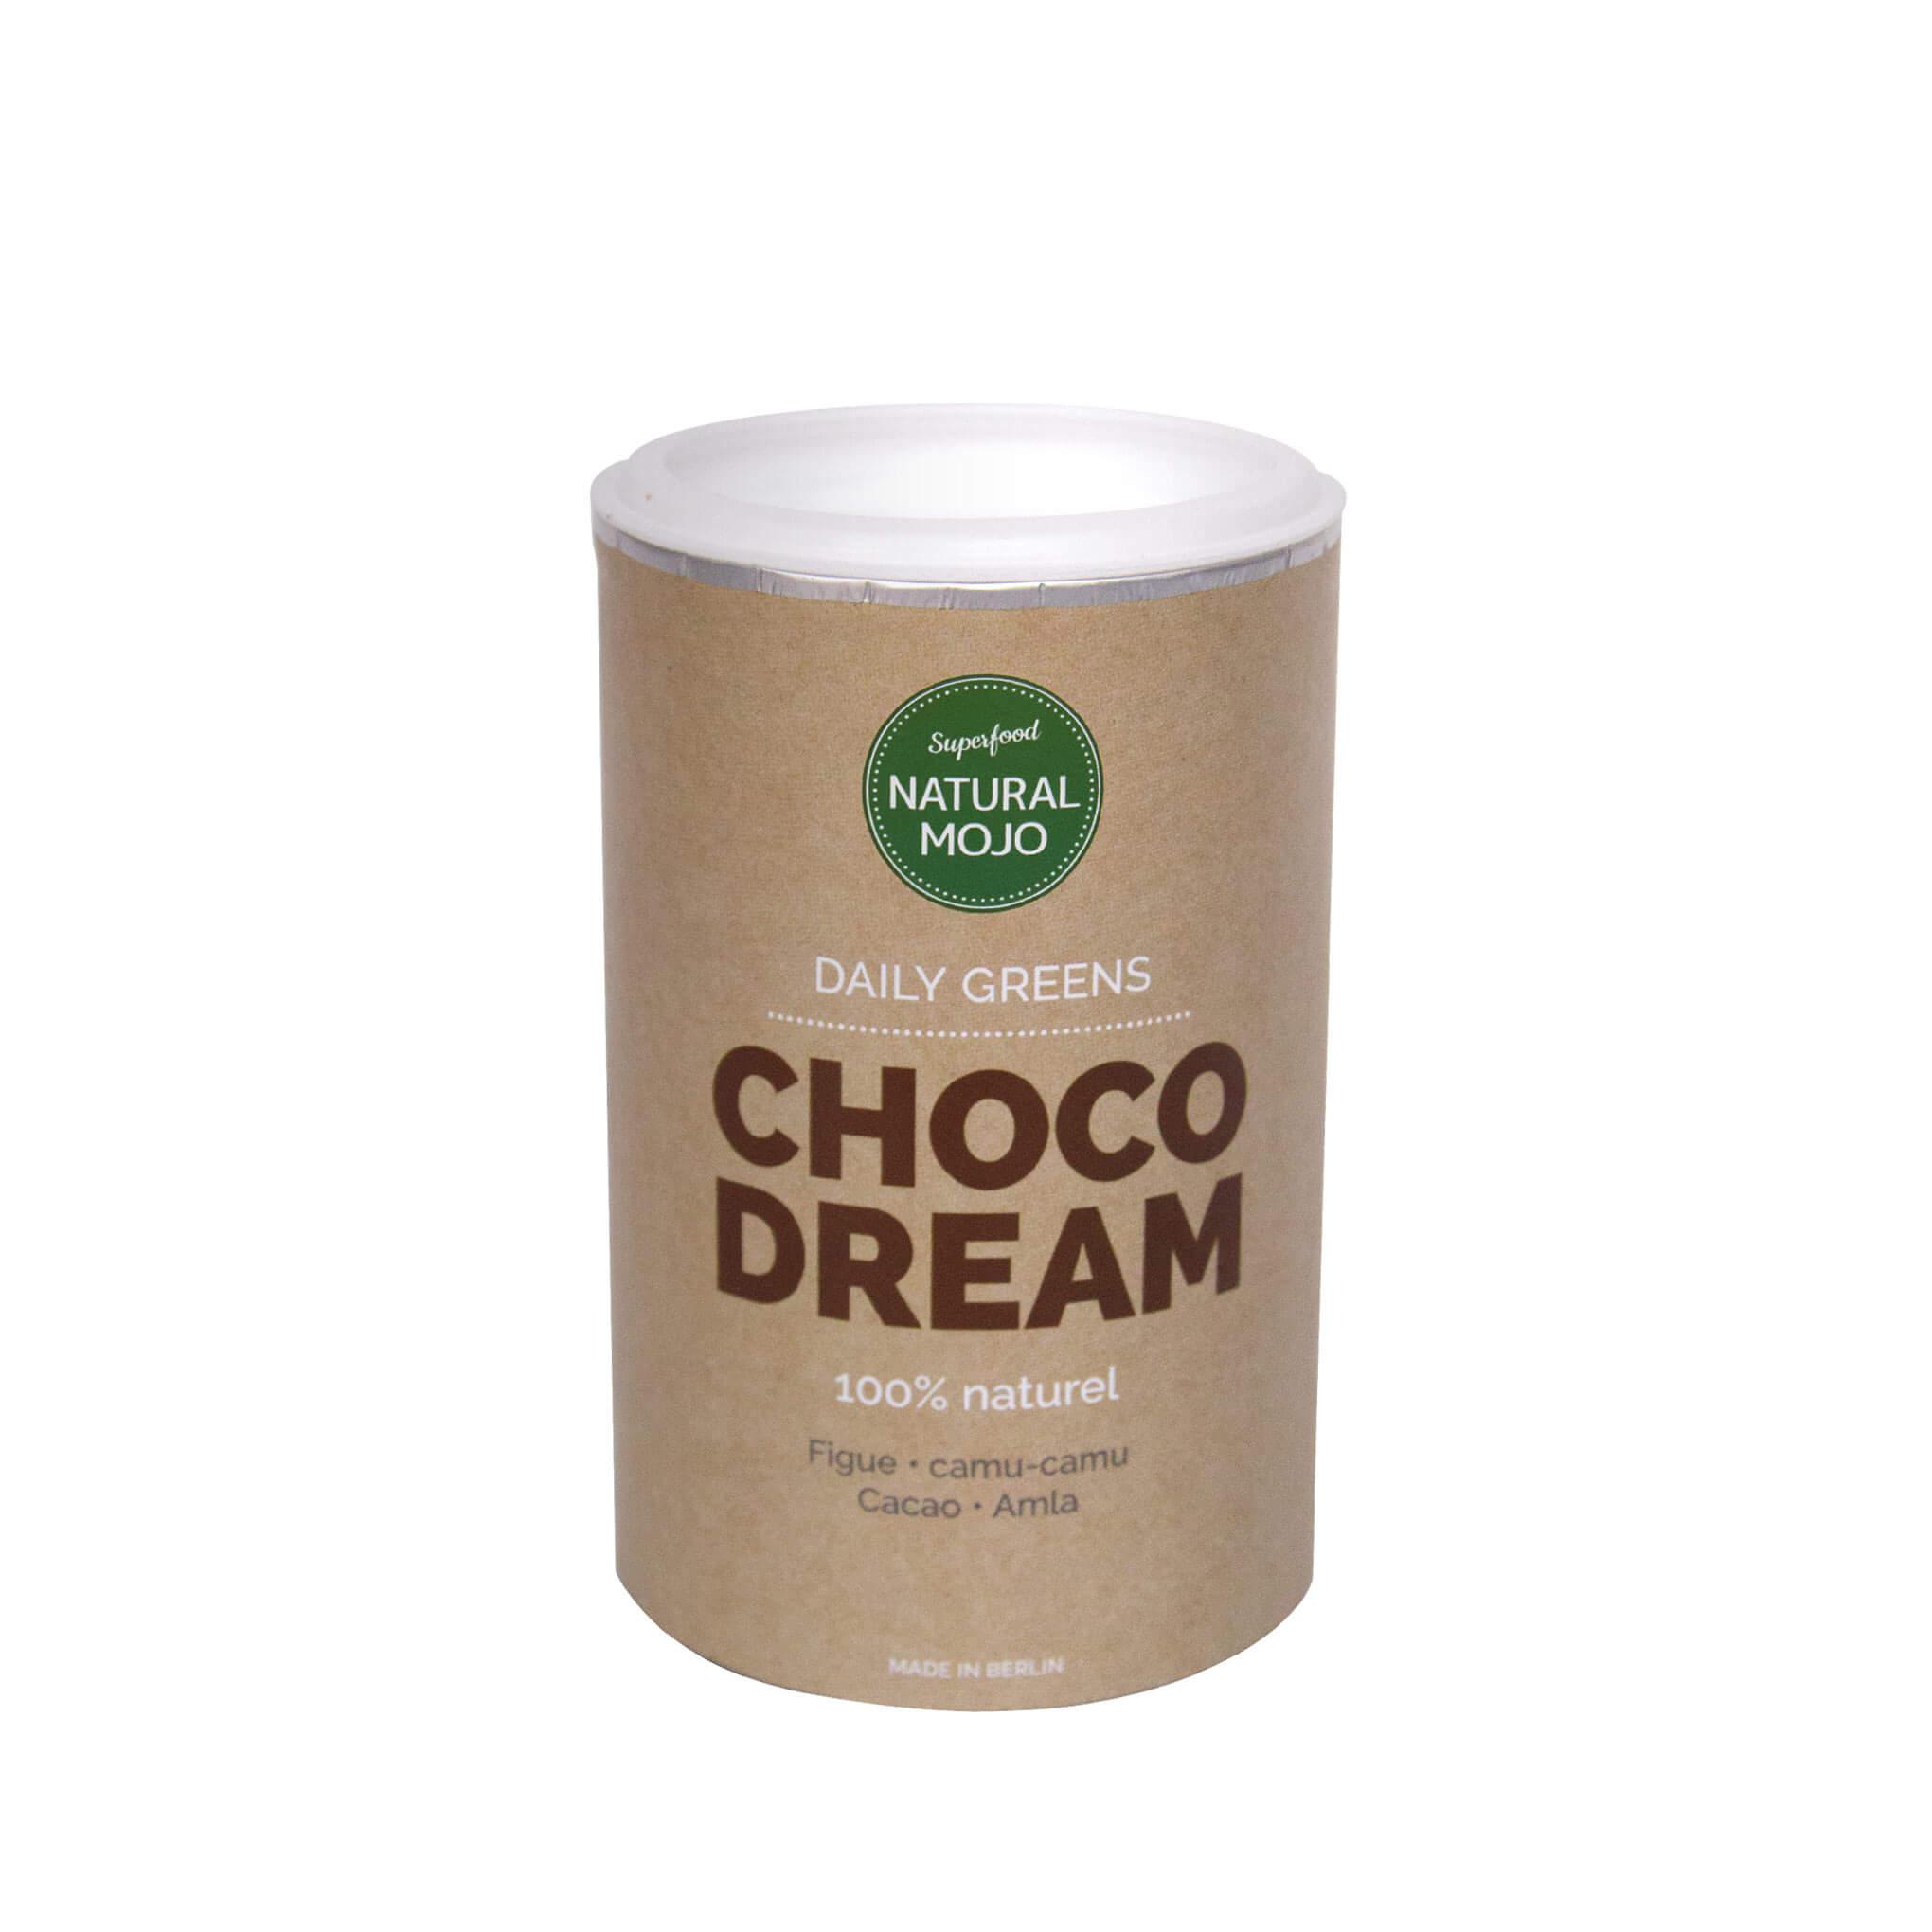 chocodream-packshot-fr